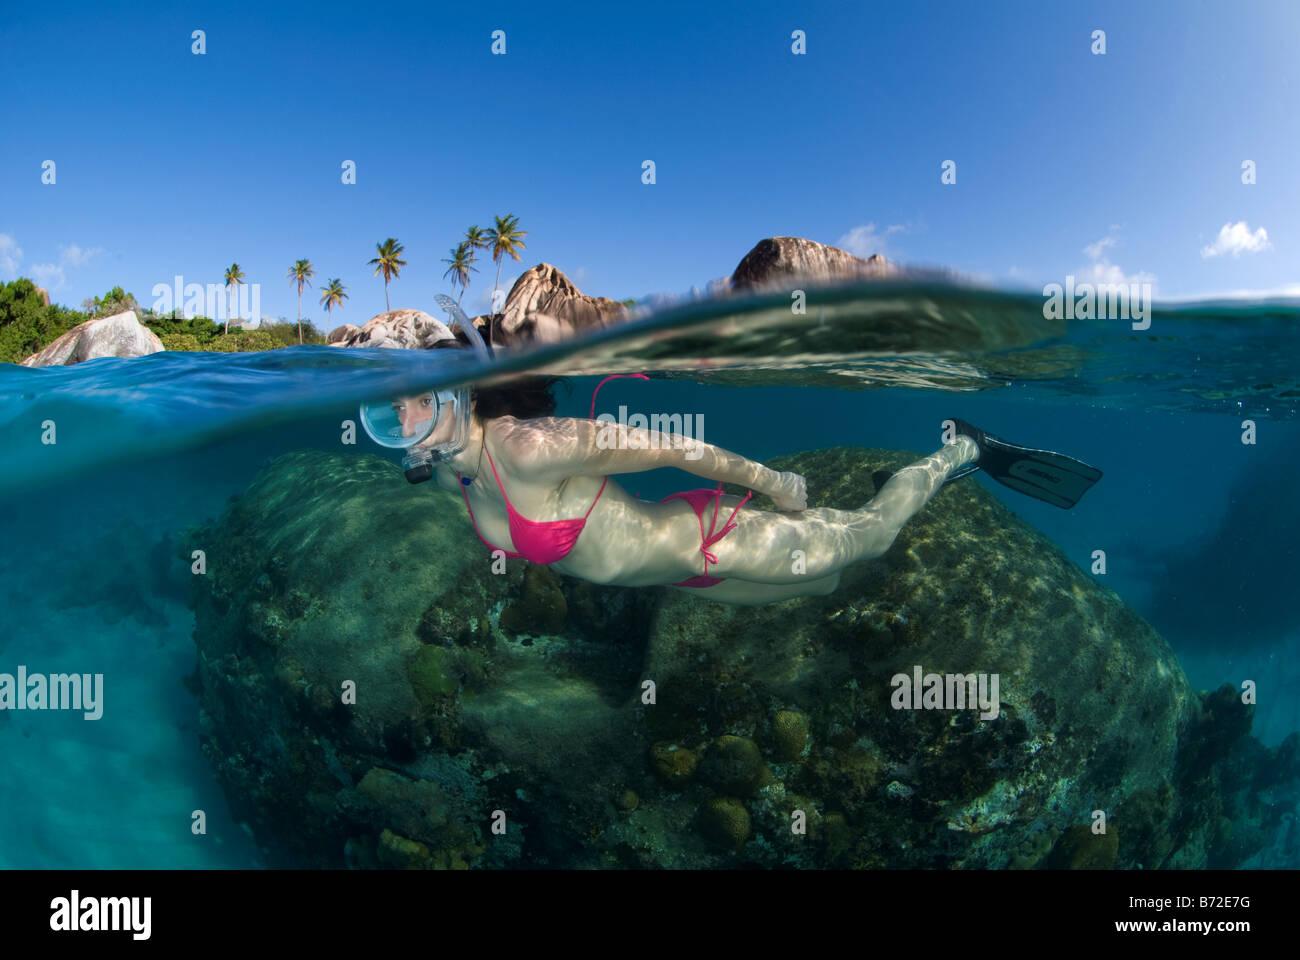 Plongée avec tuba dans les bains plage, îles Vierges britanniques, plongeur femelle, noire, masques, bikini, Blue Banque D'Images